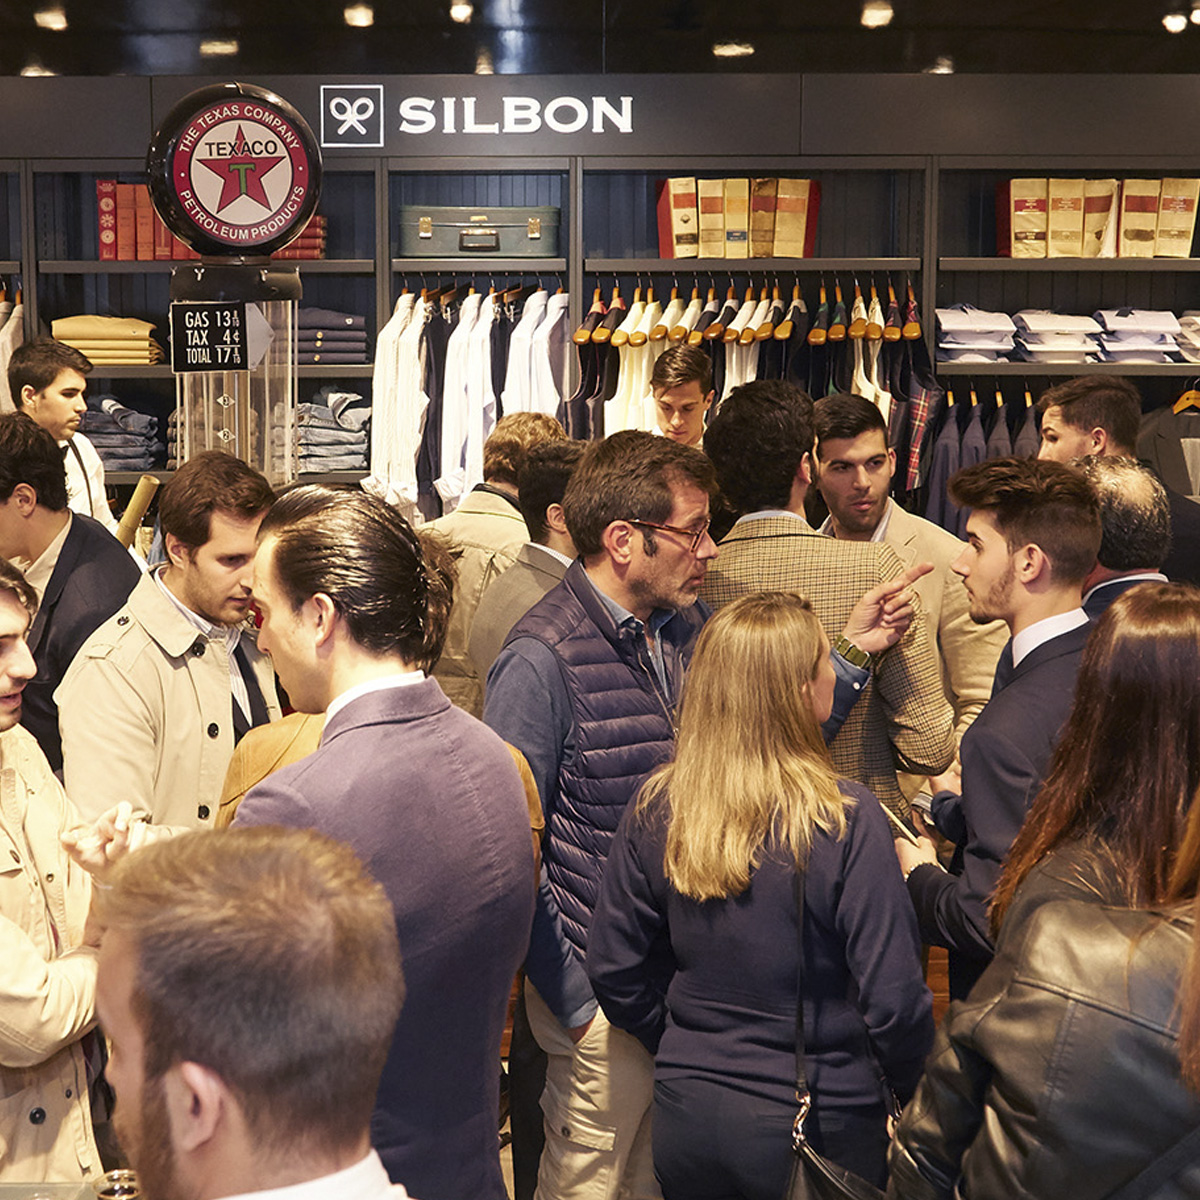 Silbon renforce son réseau de magasins à travers El Corte Inglés